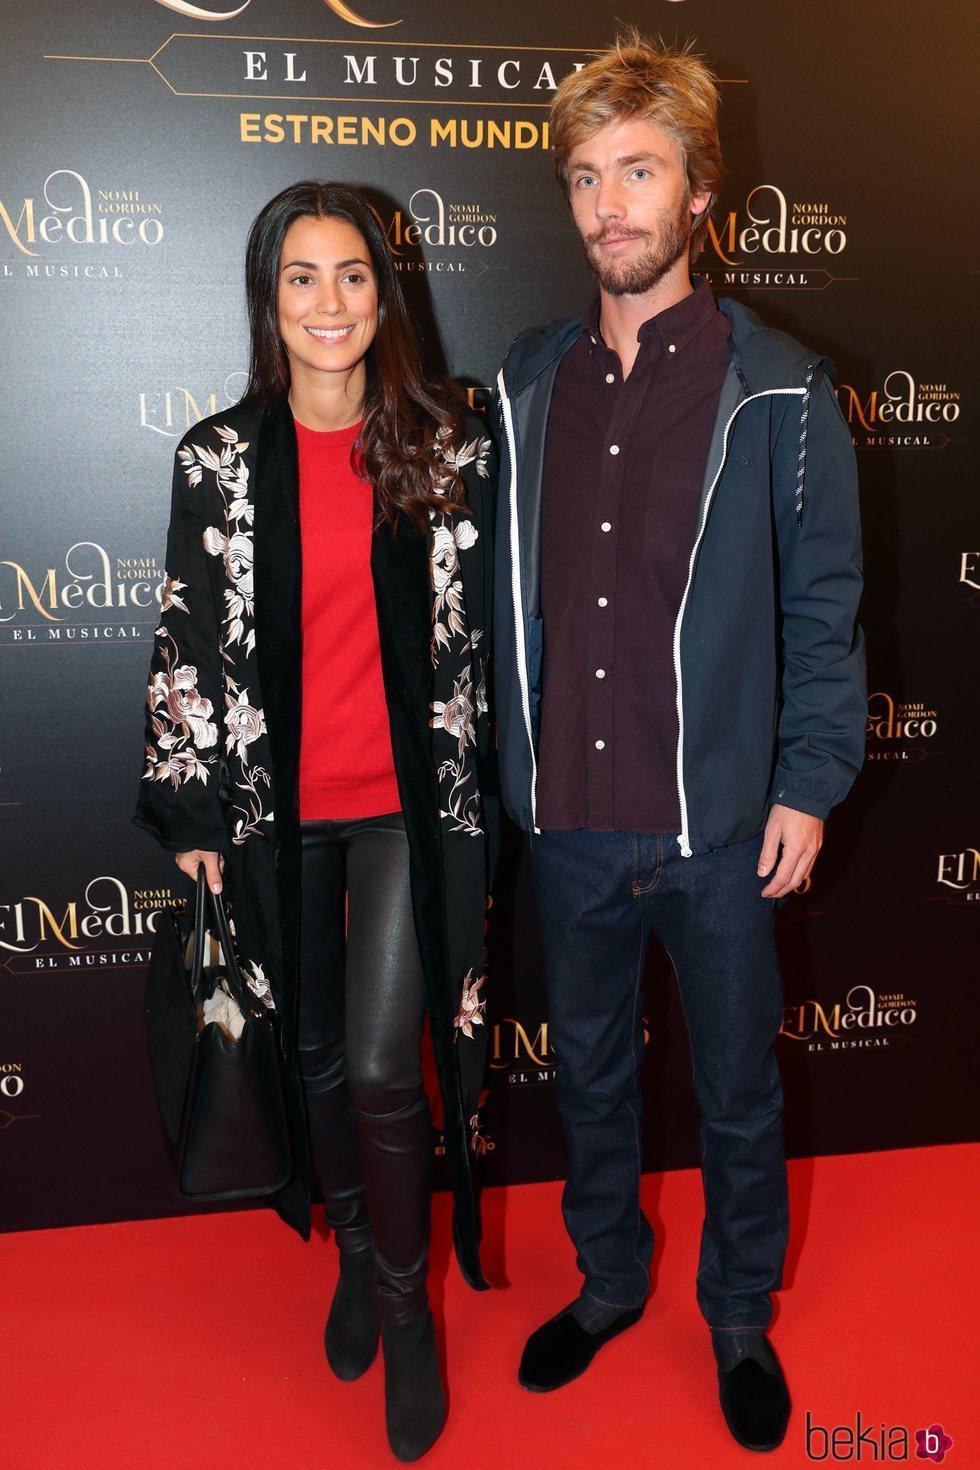 Alessandra de Osma y Christian de Hannover en el estreno del musical de 'El médico' en Madrid